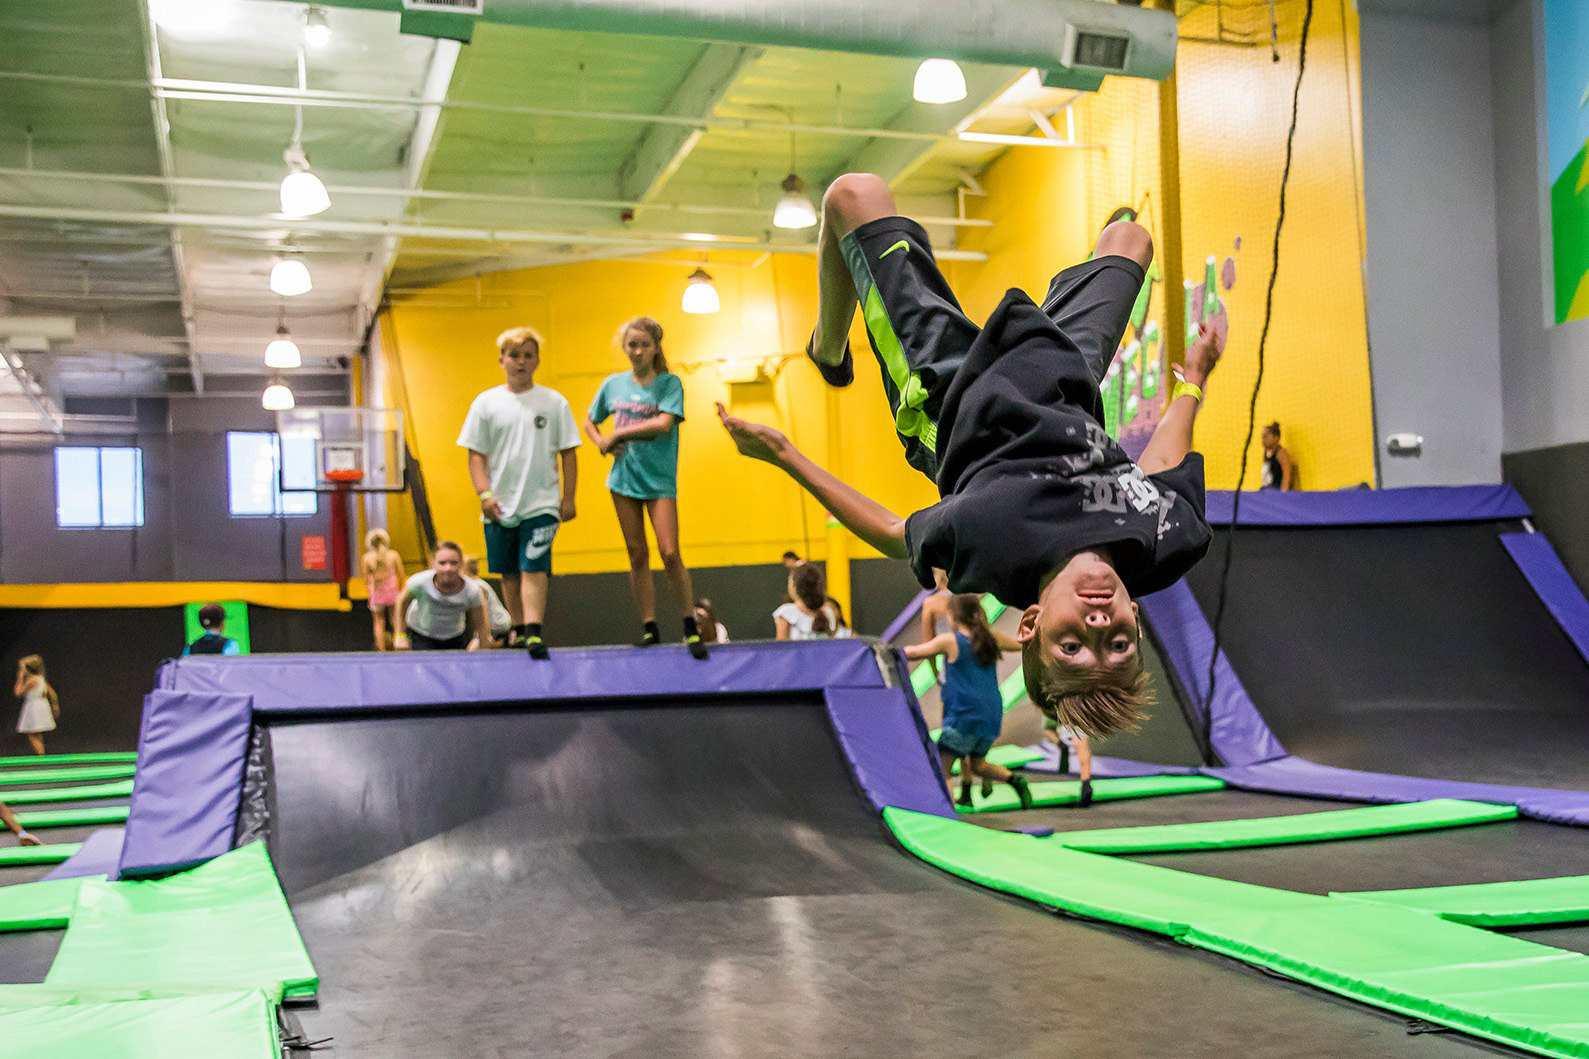 Get Air Sportsplex